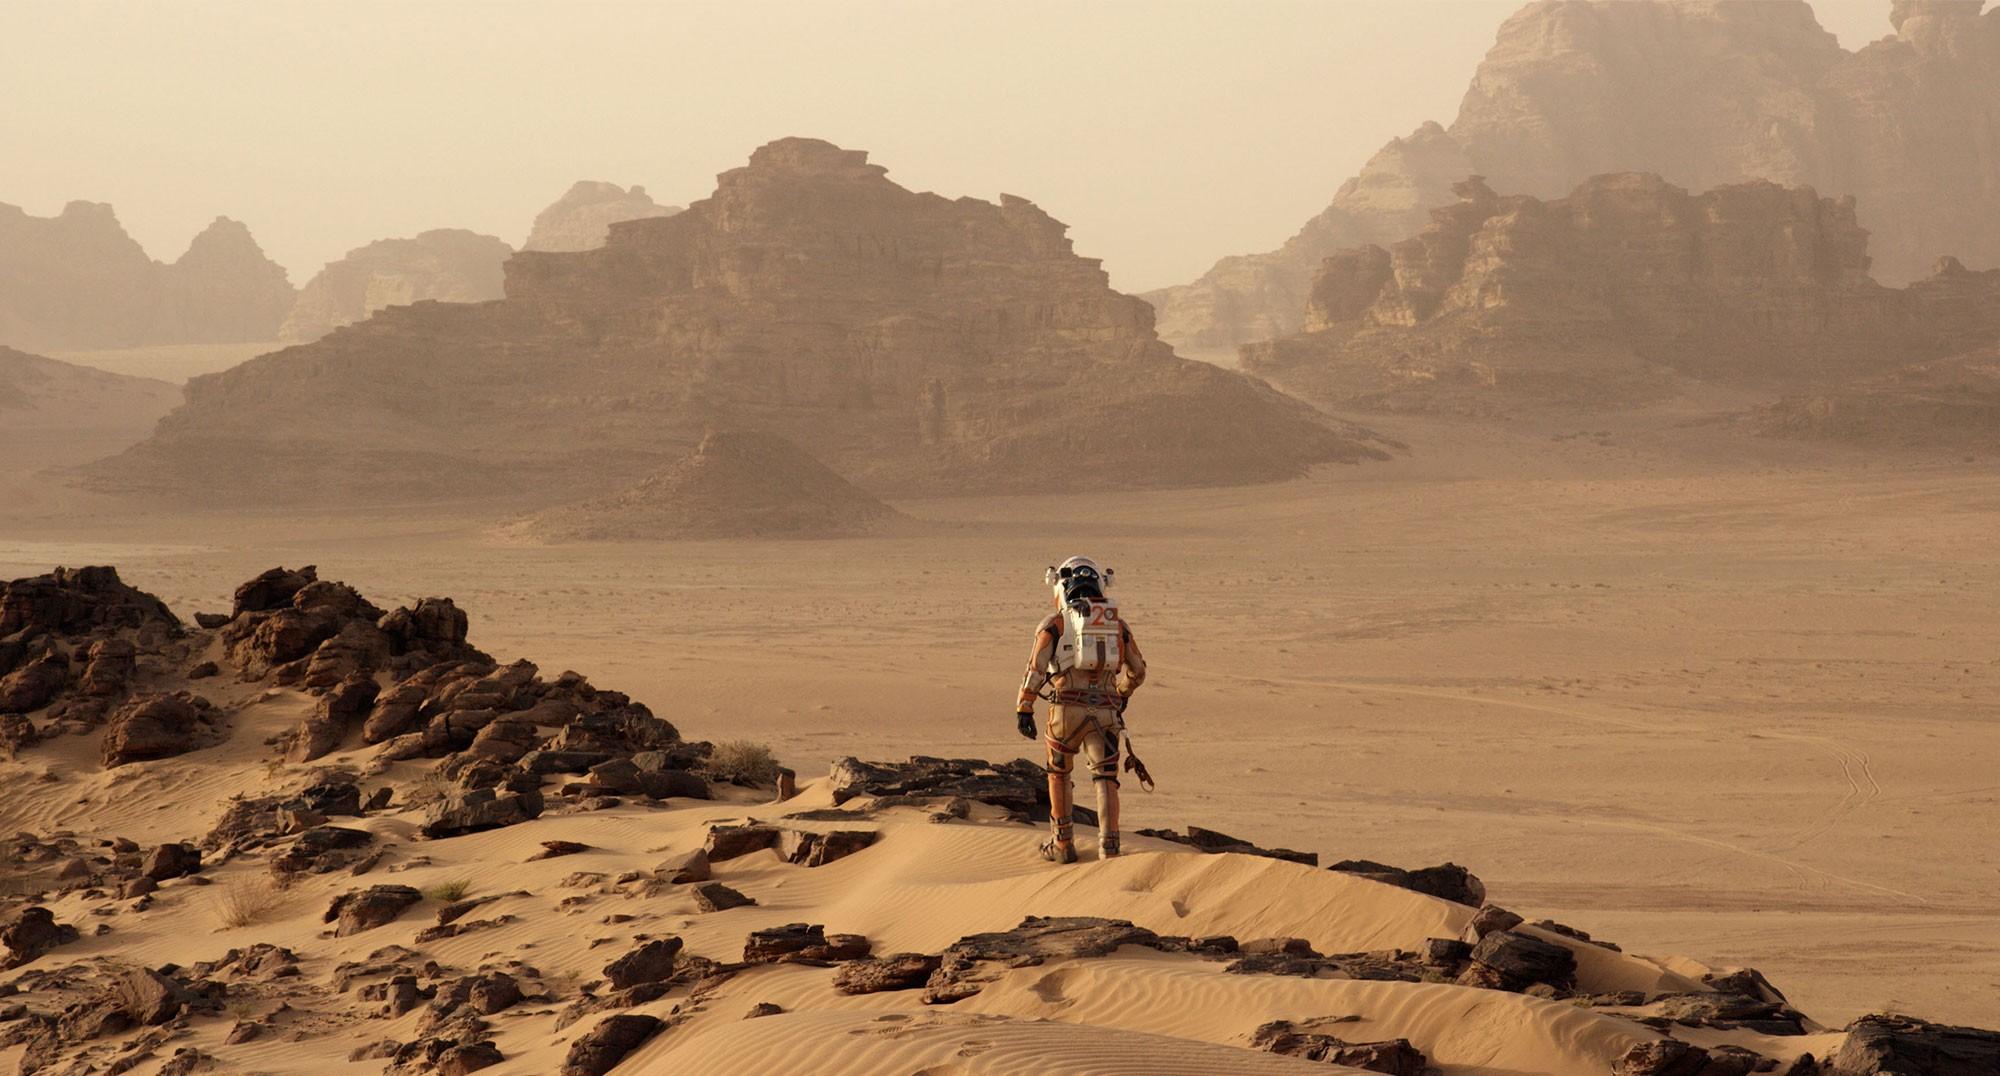 РЕЦЕНЗИЯ: «Марсианин» — о триумфе научного знания и пользе изоленты